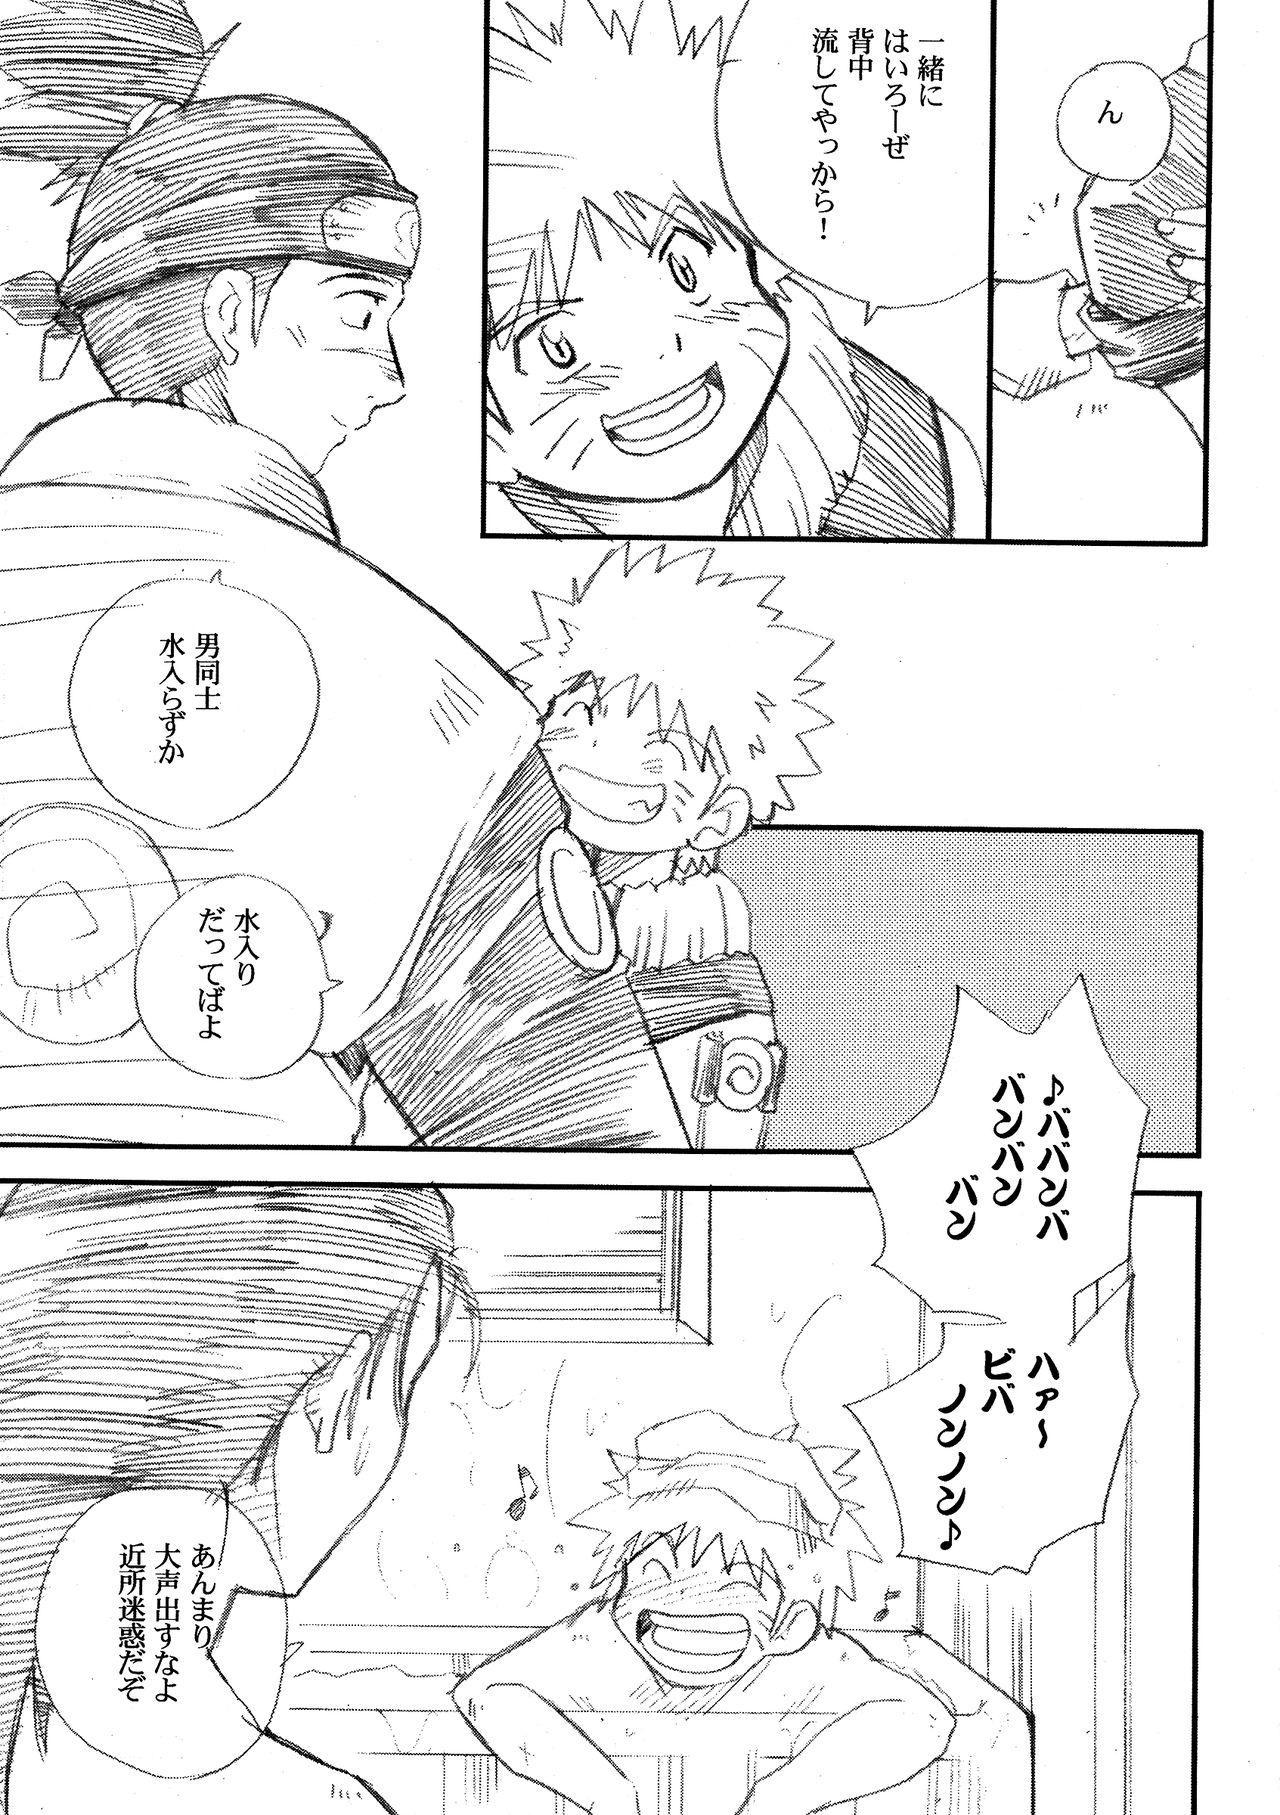 IruNaru no Wadachi 5